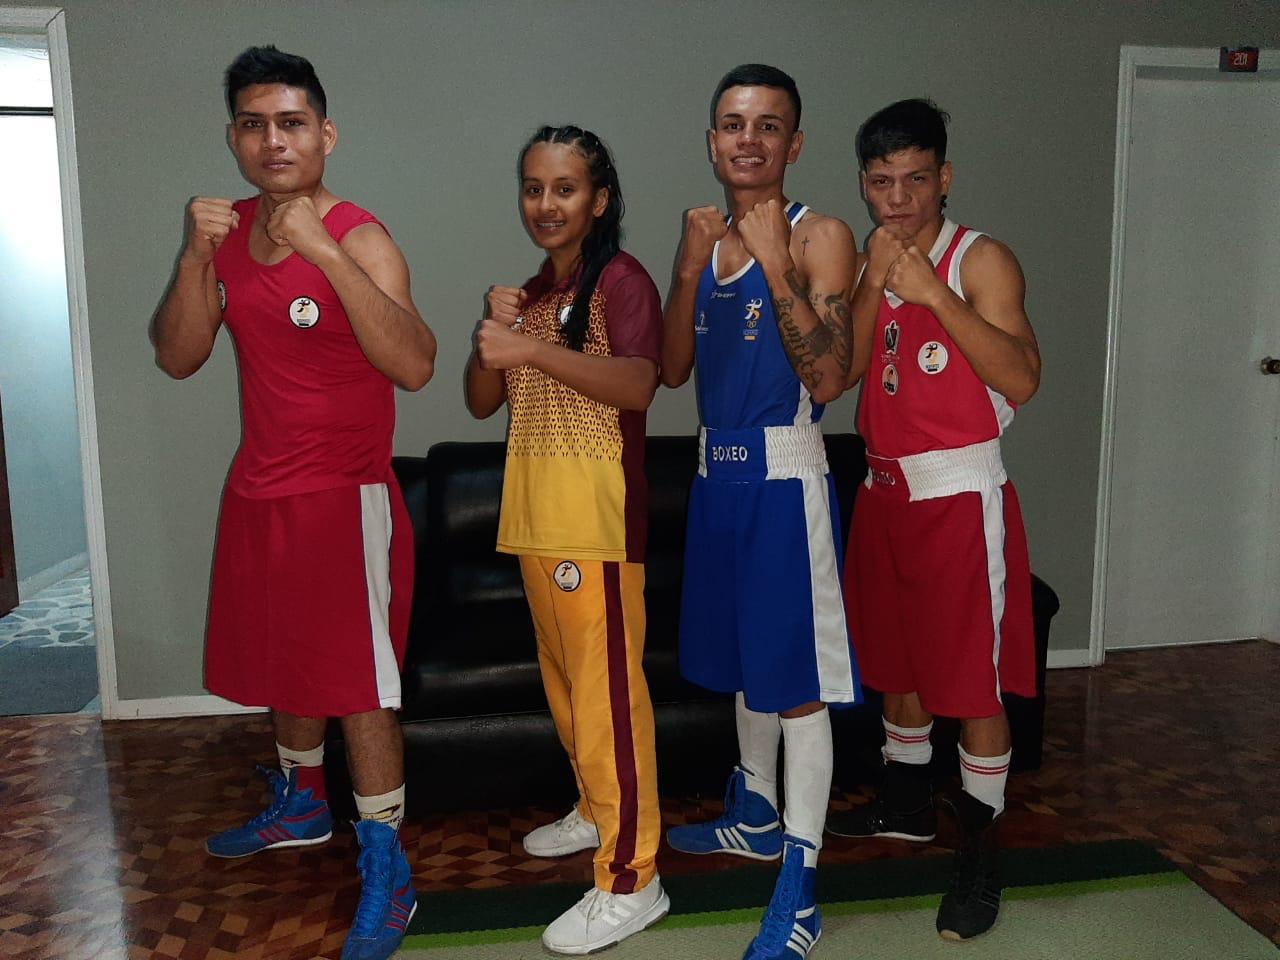 Buena cosecha de medallas para el Tolima en torneo nacional de boxeo en Pasto